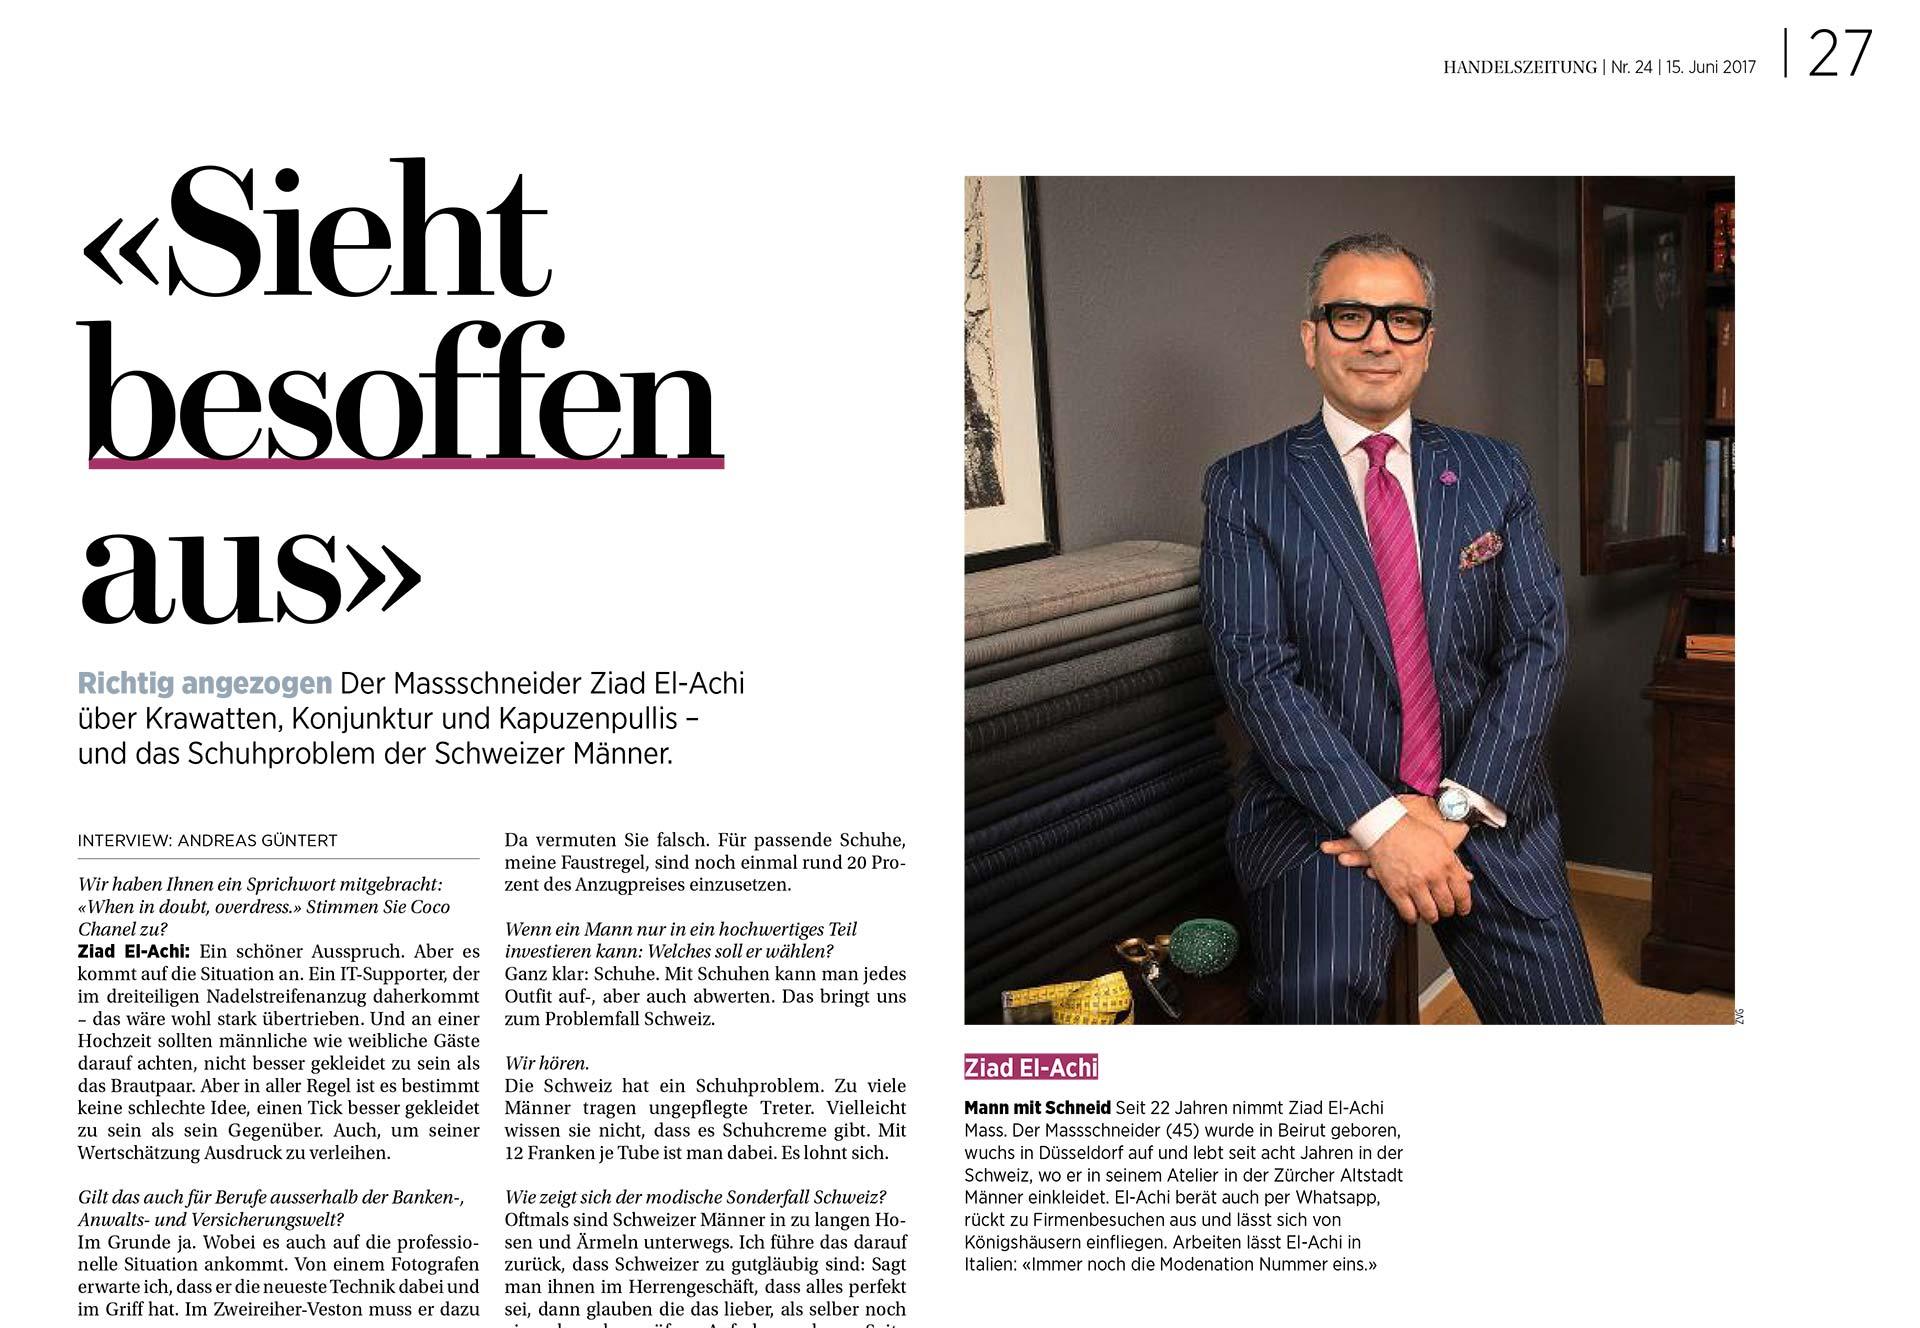 Handelszeitung - Interview mit Ziad El-Achi